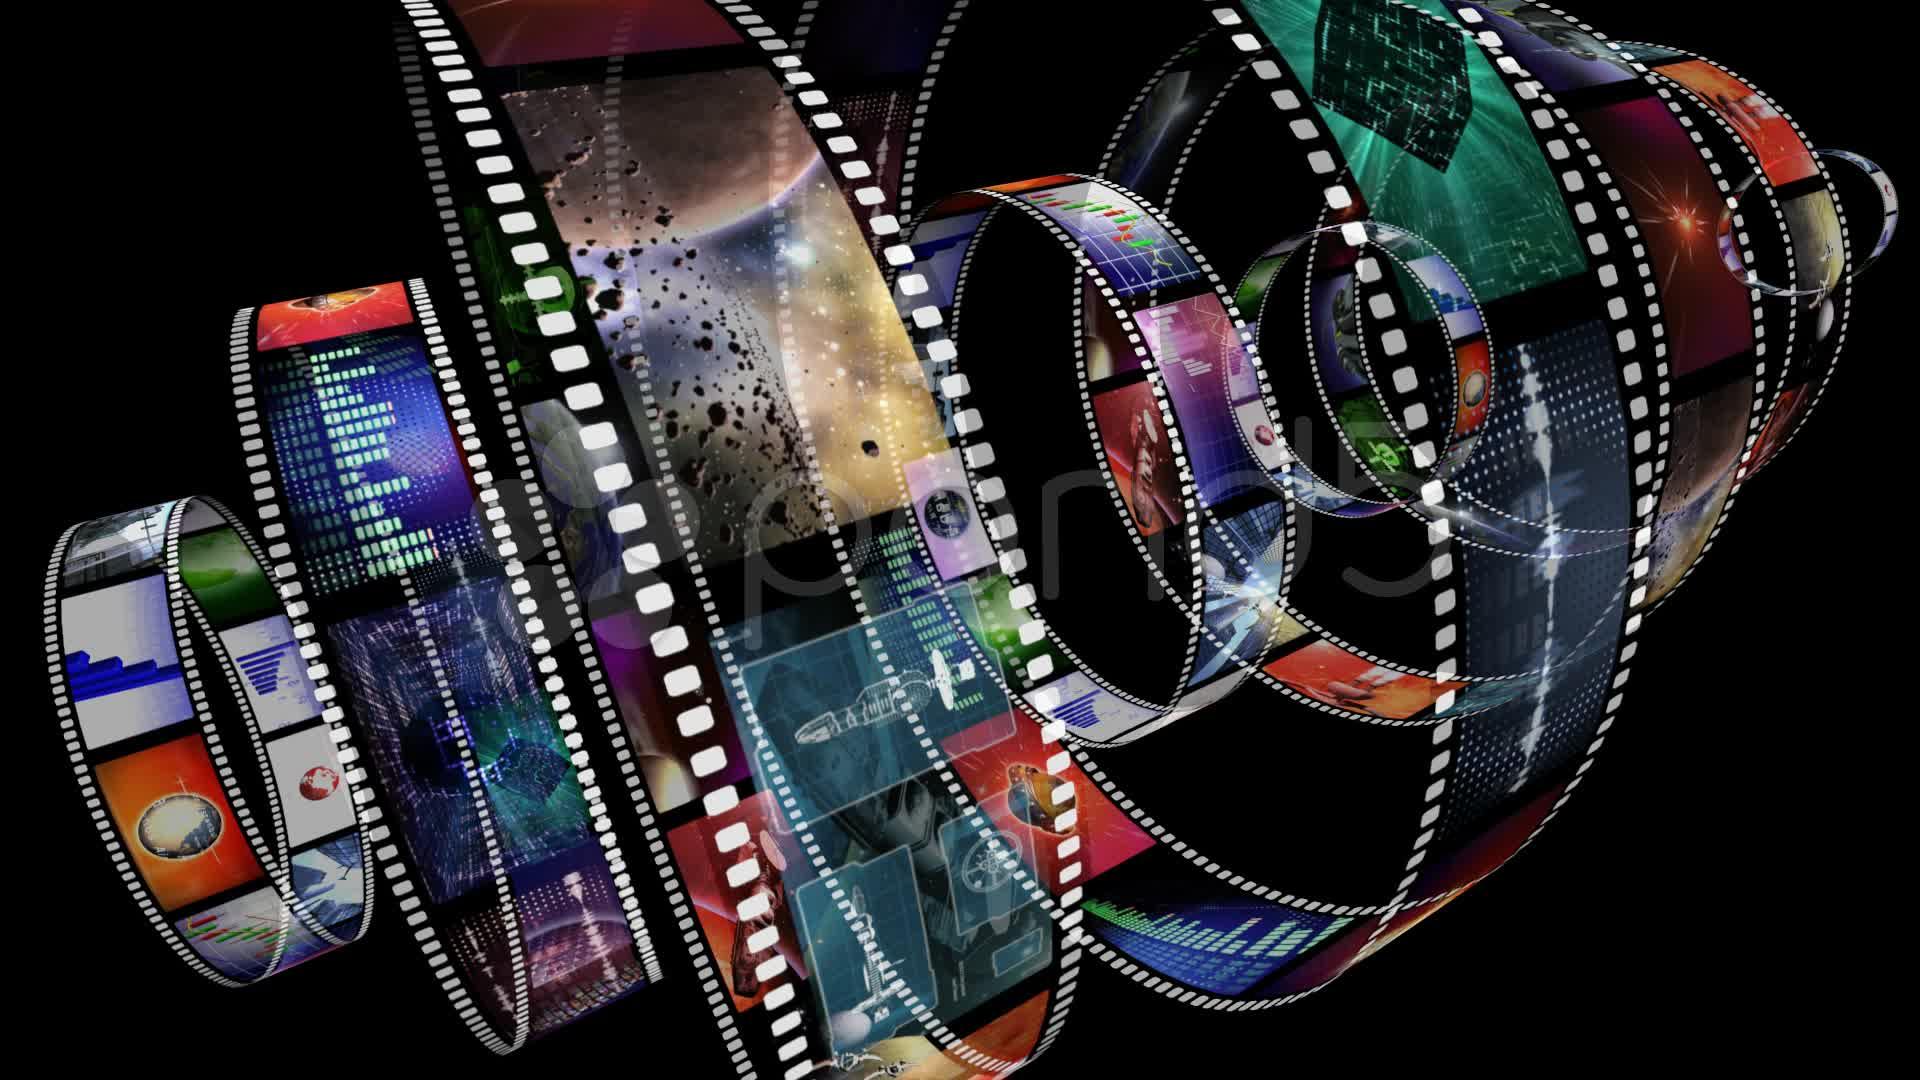 Film Reel Wallpapers   Top Film Reel Backgrounds 1920x1080